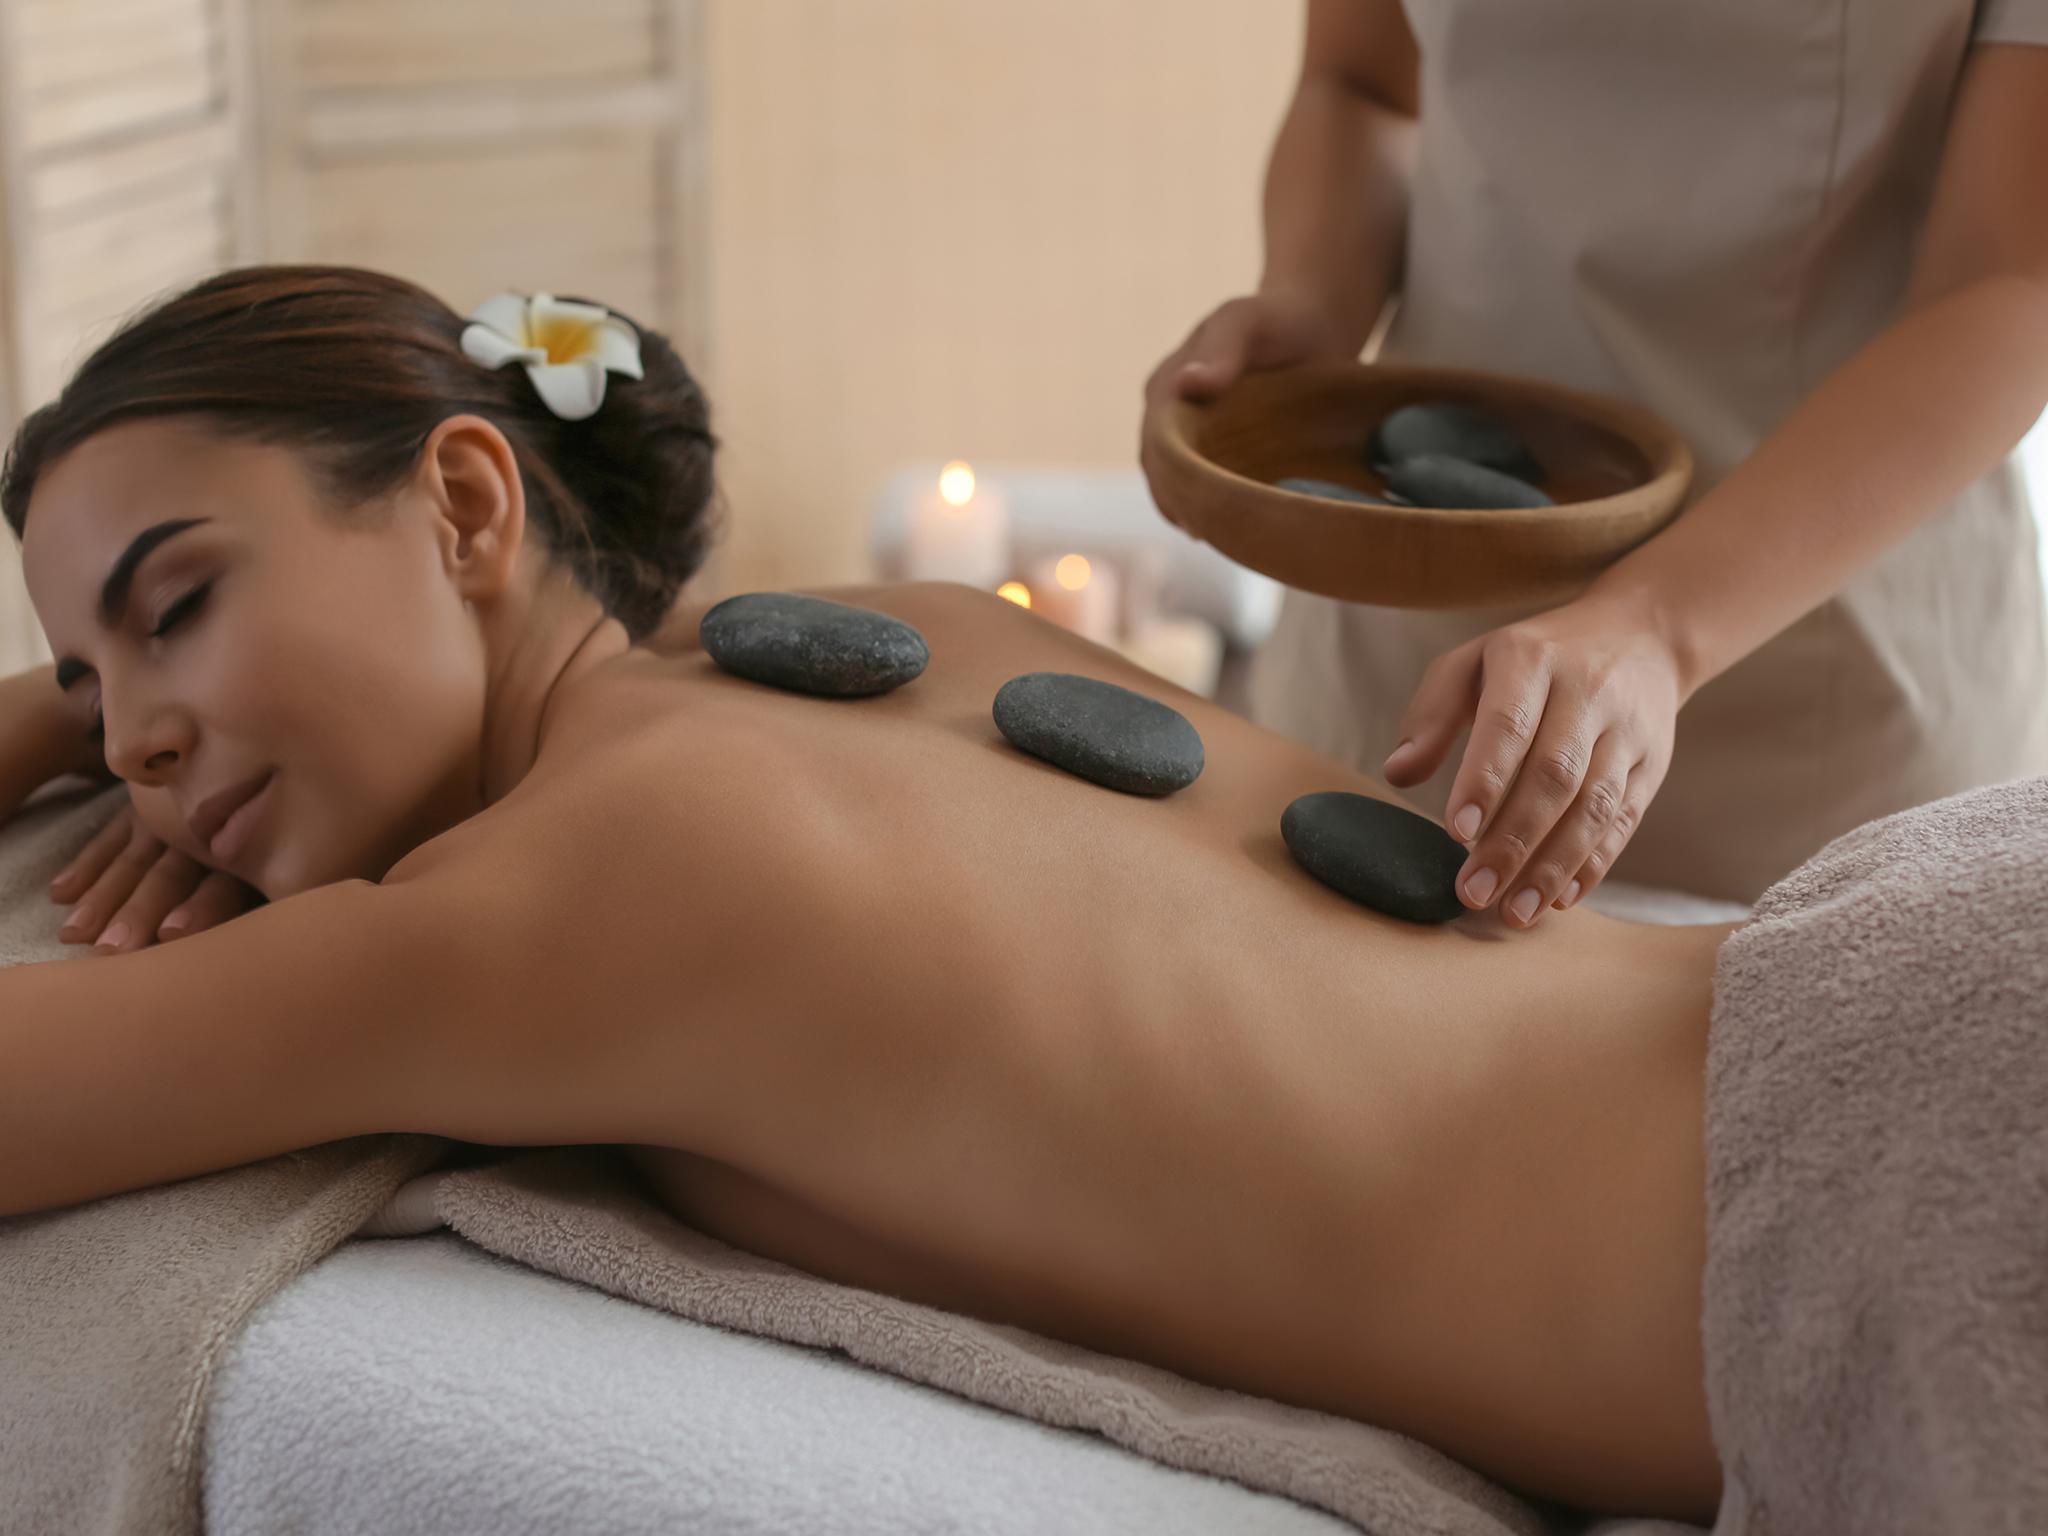 El masaje de este spa consiste en colocar piedras calientes sobre el cuerpo de las personas